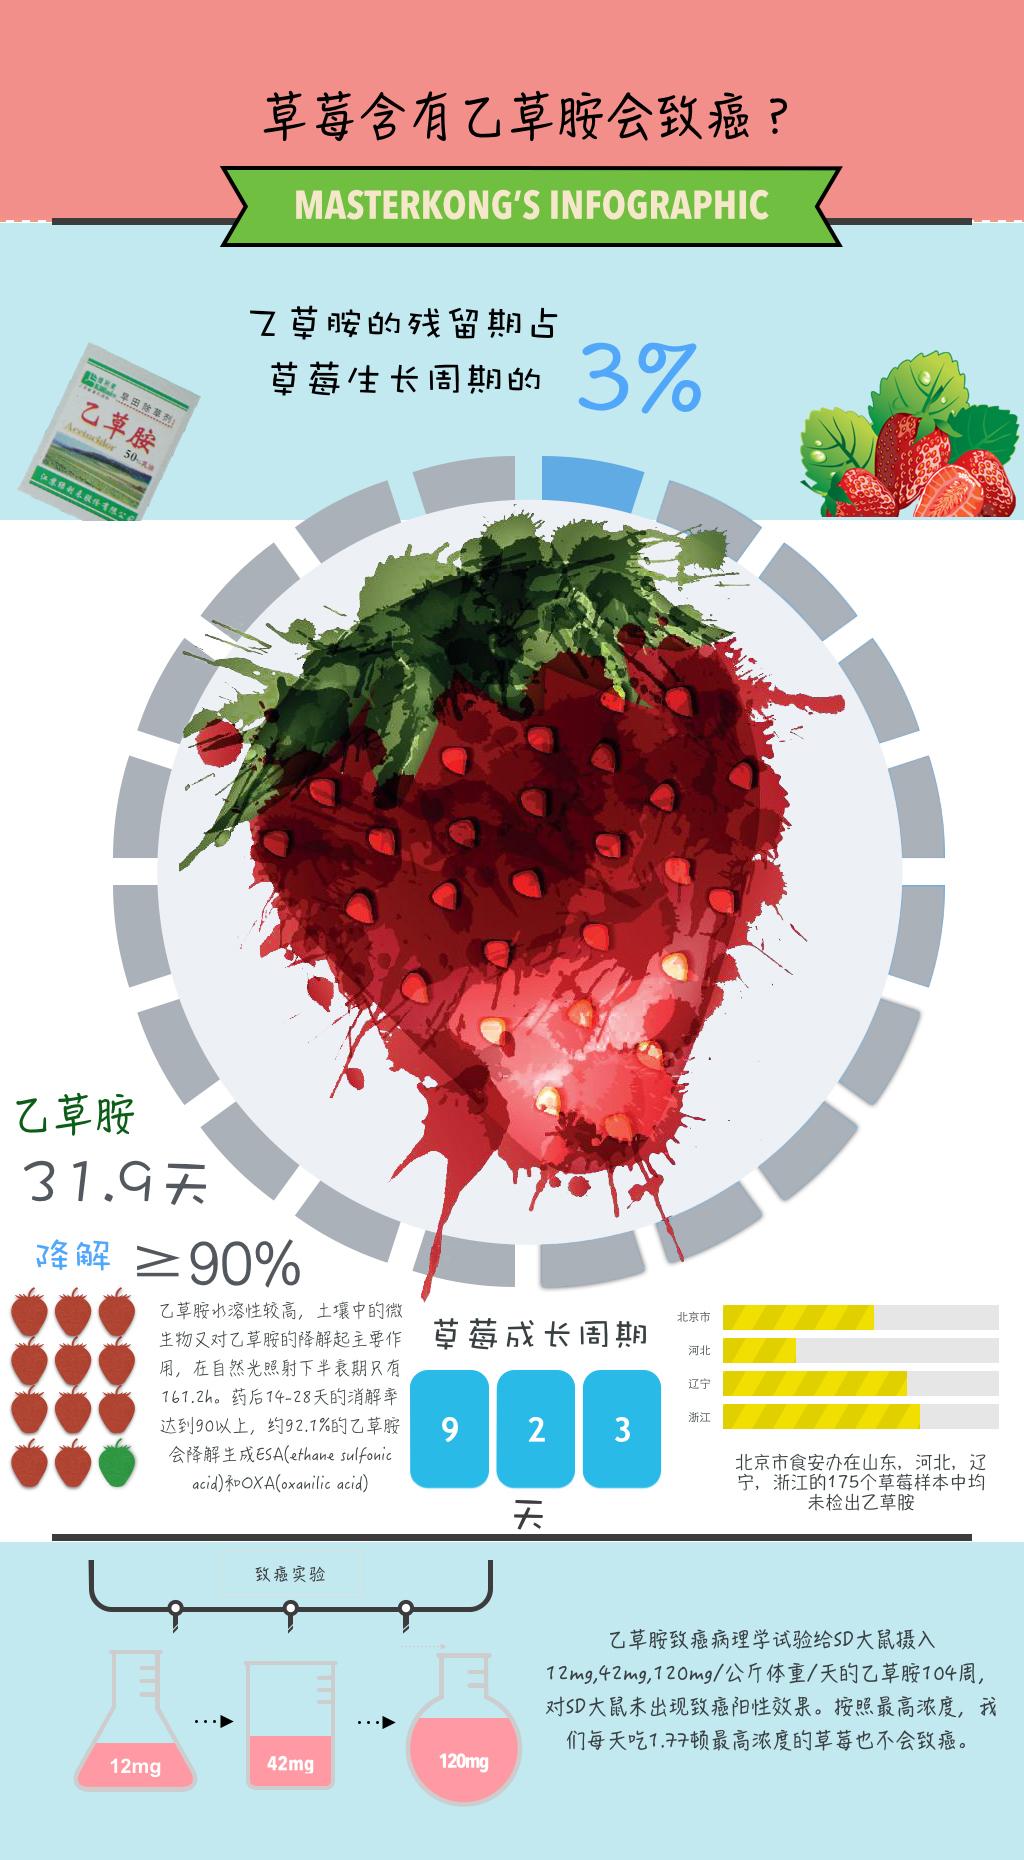 草莓不致癌.jpg